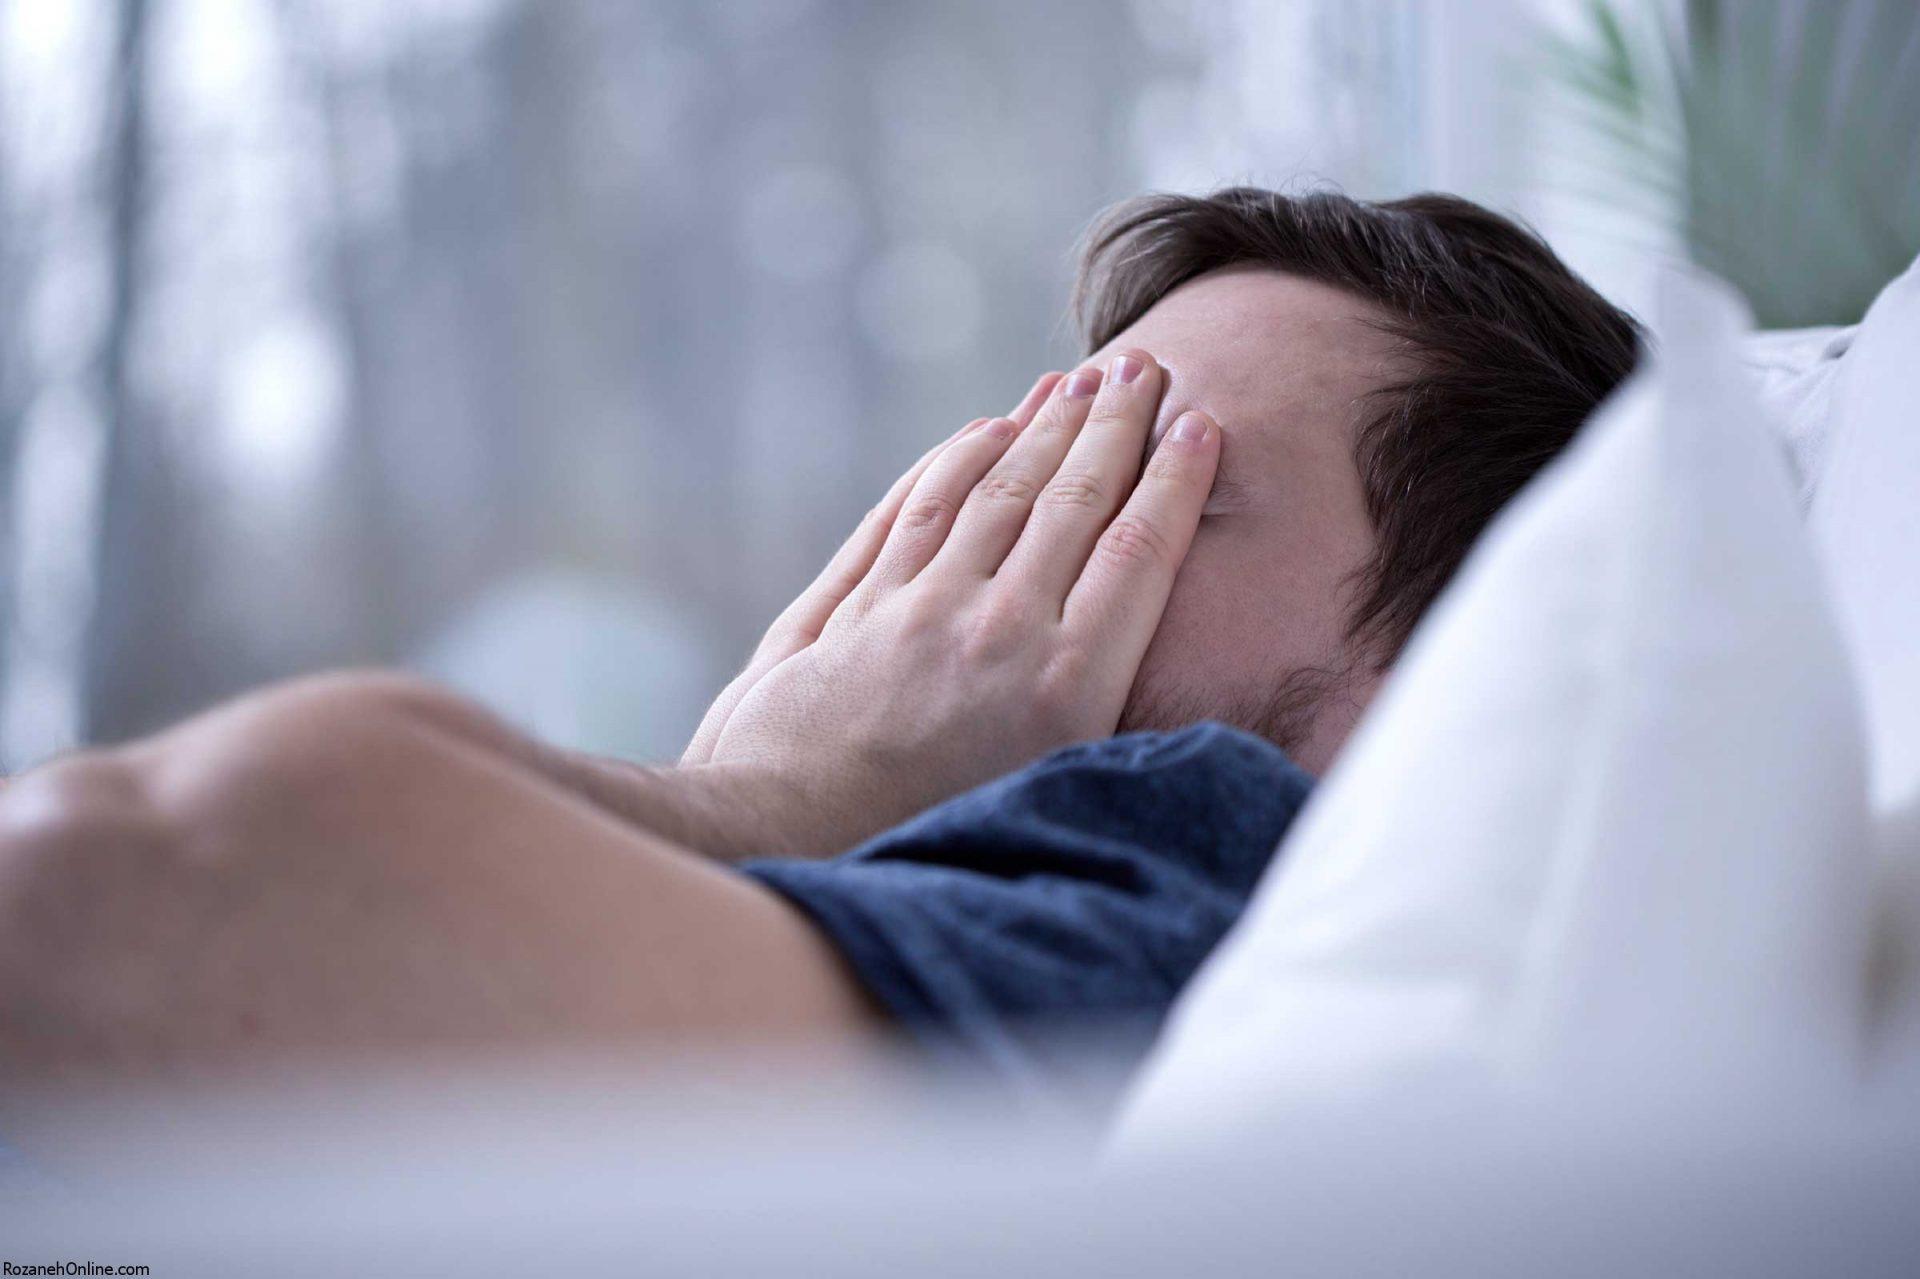 اختلالات خواب زمینه ساز انواع سکته قلبی و مغزی